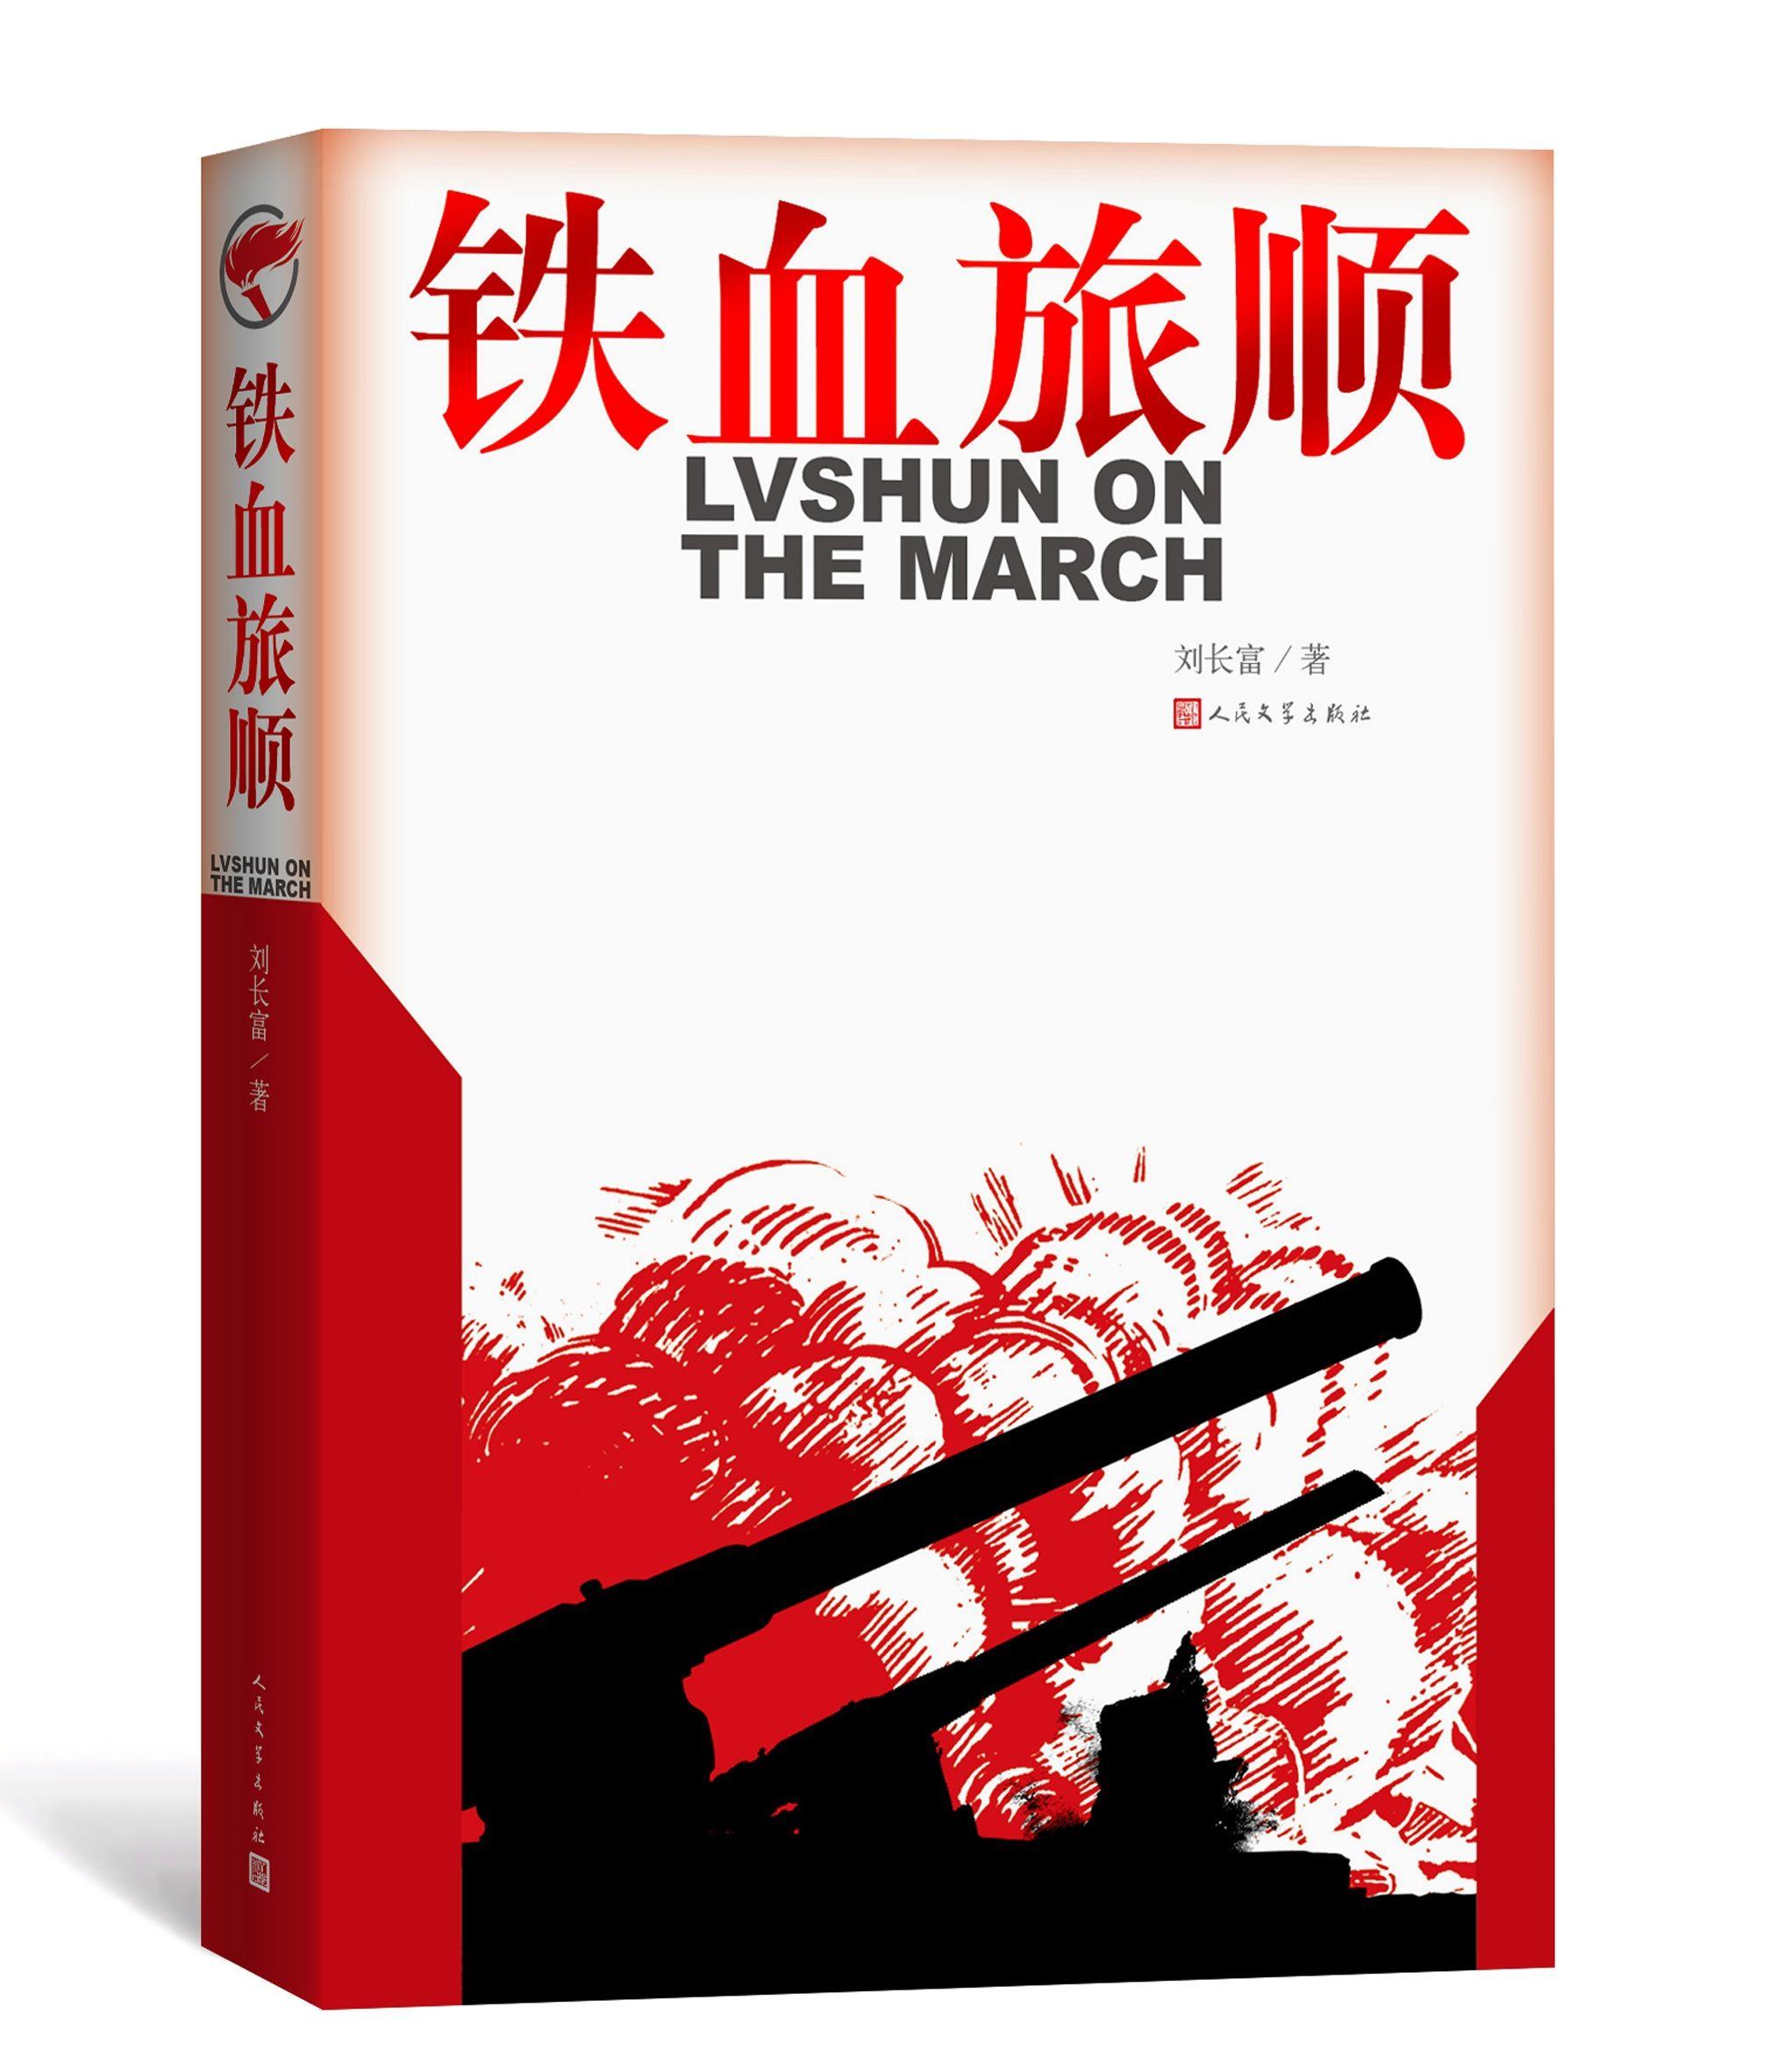 """《铁血旅顺》由人文社出版,以旅顺之动荡书写""""半部中国近代史"""""""